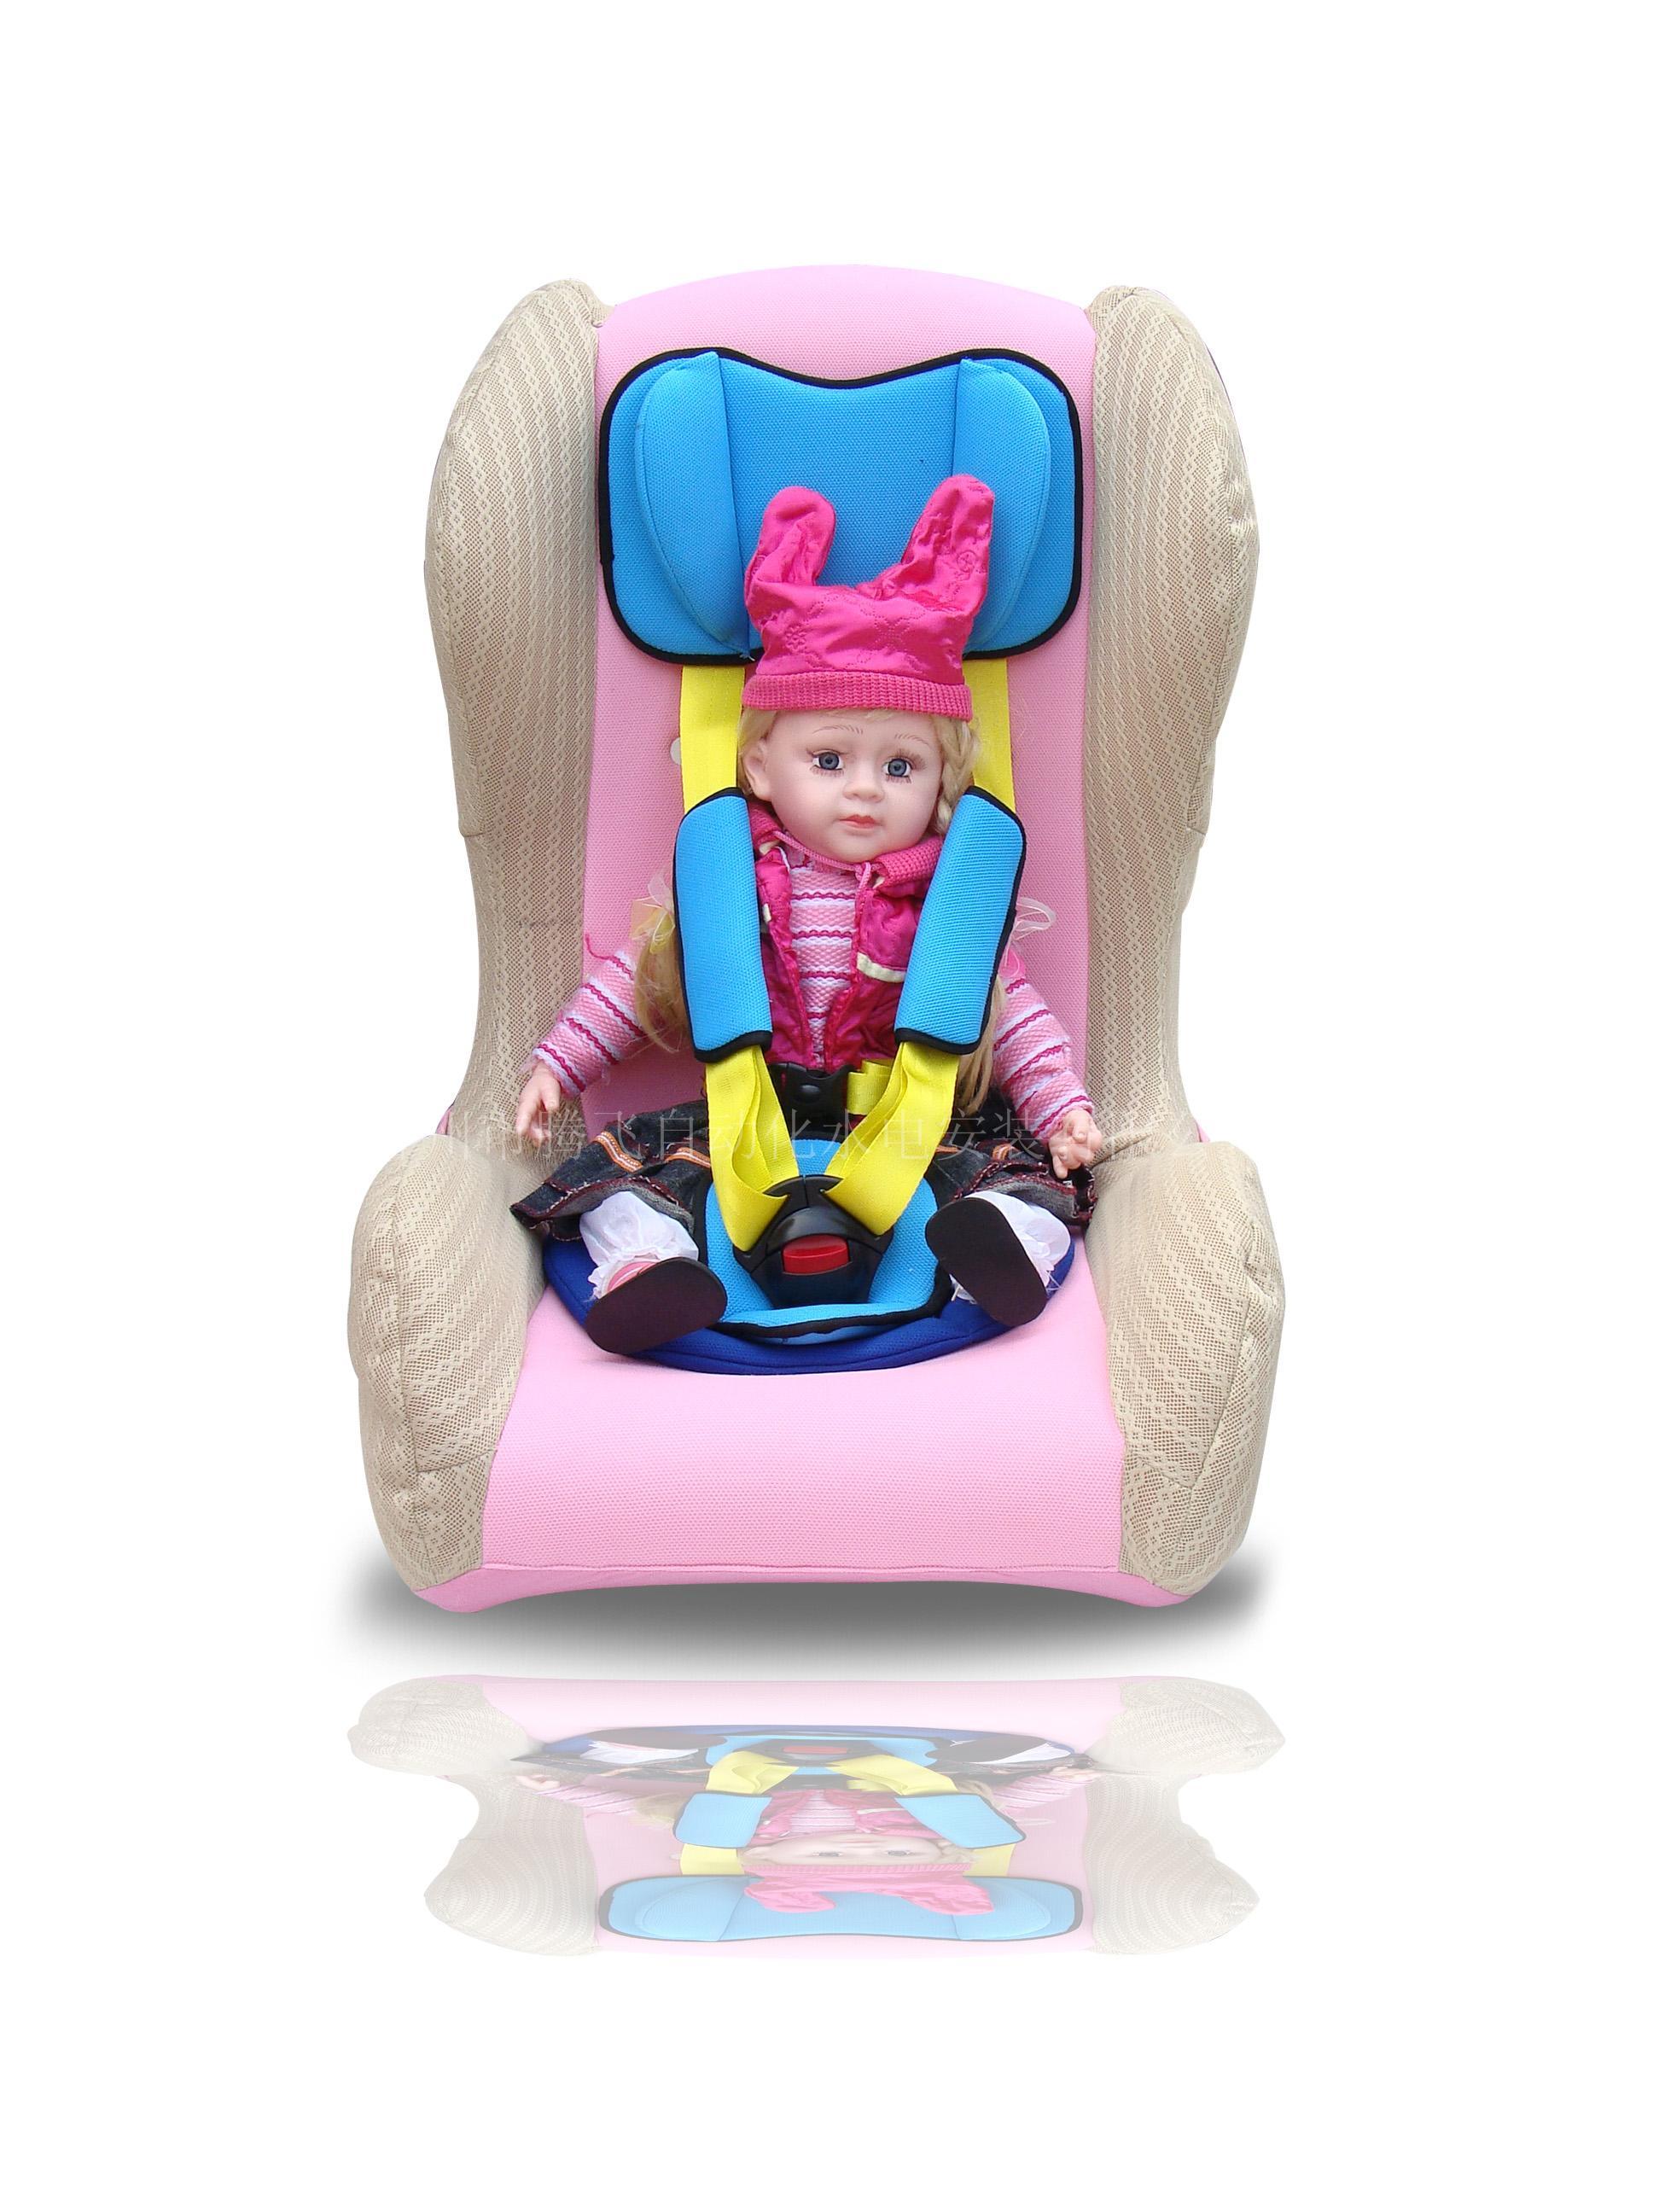 充气儿童安全座椅,儿童安全座椅